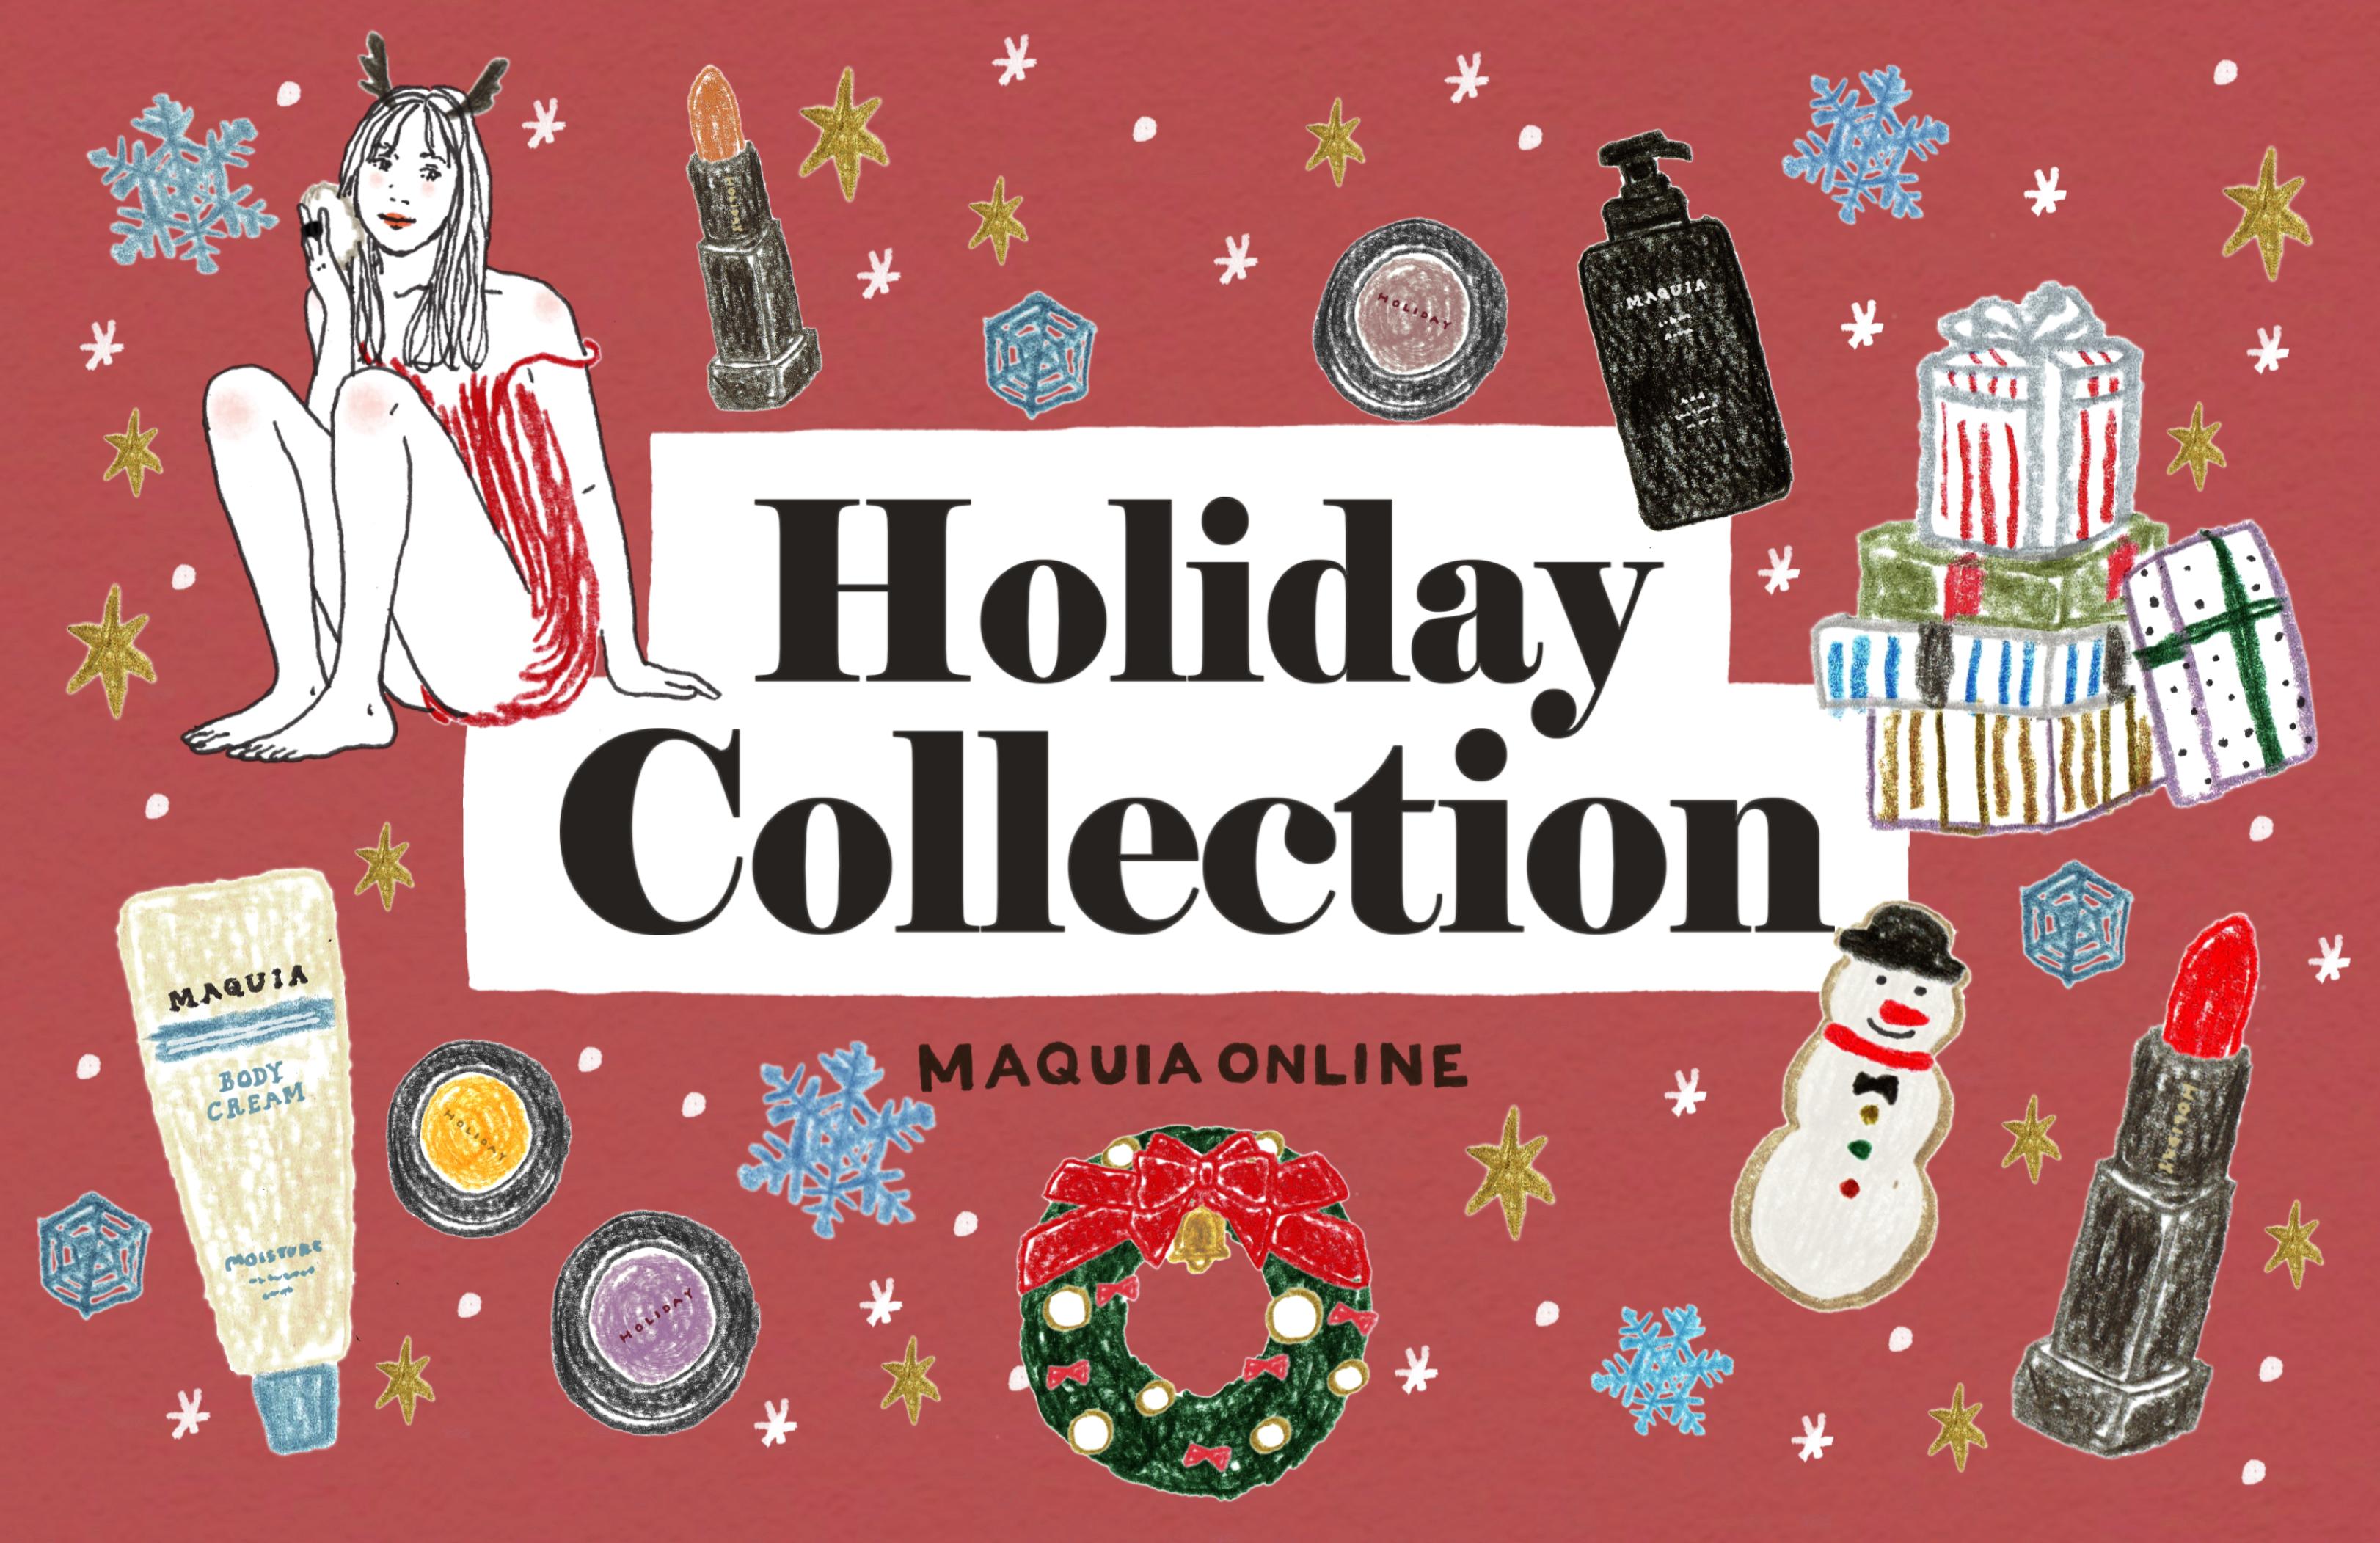 美容雑誌MAQUIAのWEBサイト「マキアオンライン」が、どこよりも早く2019年のクリスマスコフレ&限定コレクションの情報をお届け! シャネル、ディオール、ルナソル、RMK、スックなどの人気ブランドからプチプラまで最新情報を日々更新中。予約開始日&発売日を要チェック!